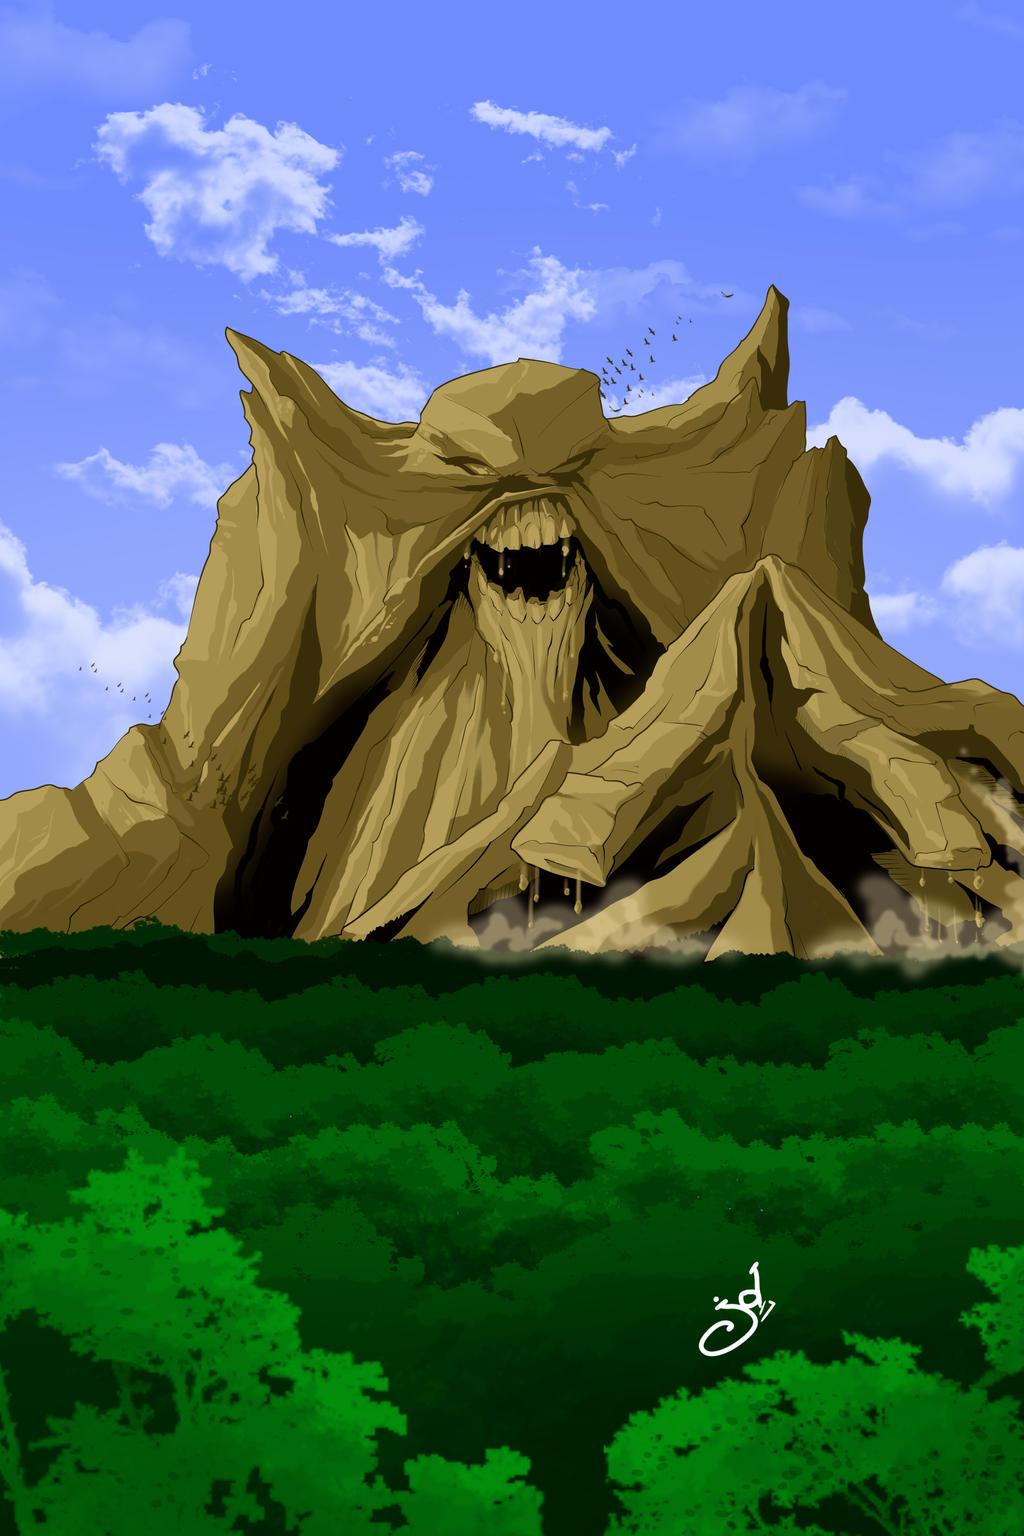 Monsor the Living Mountain